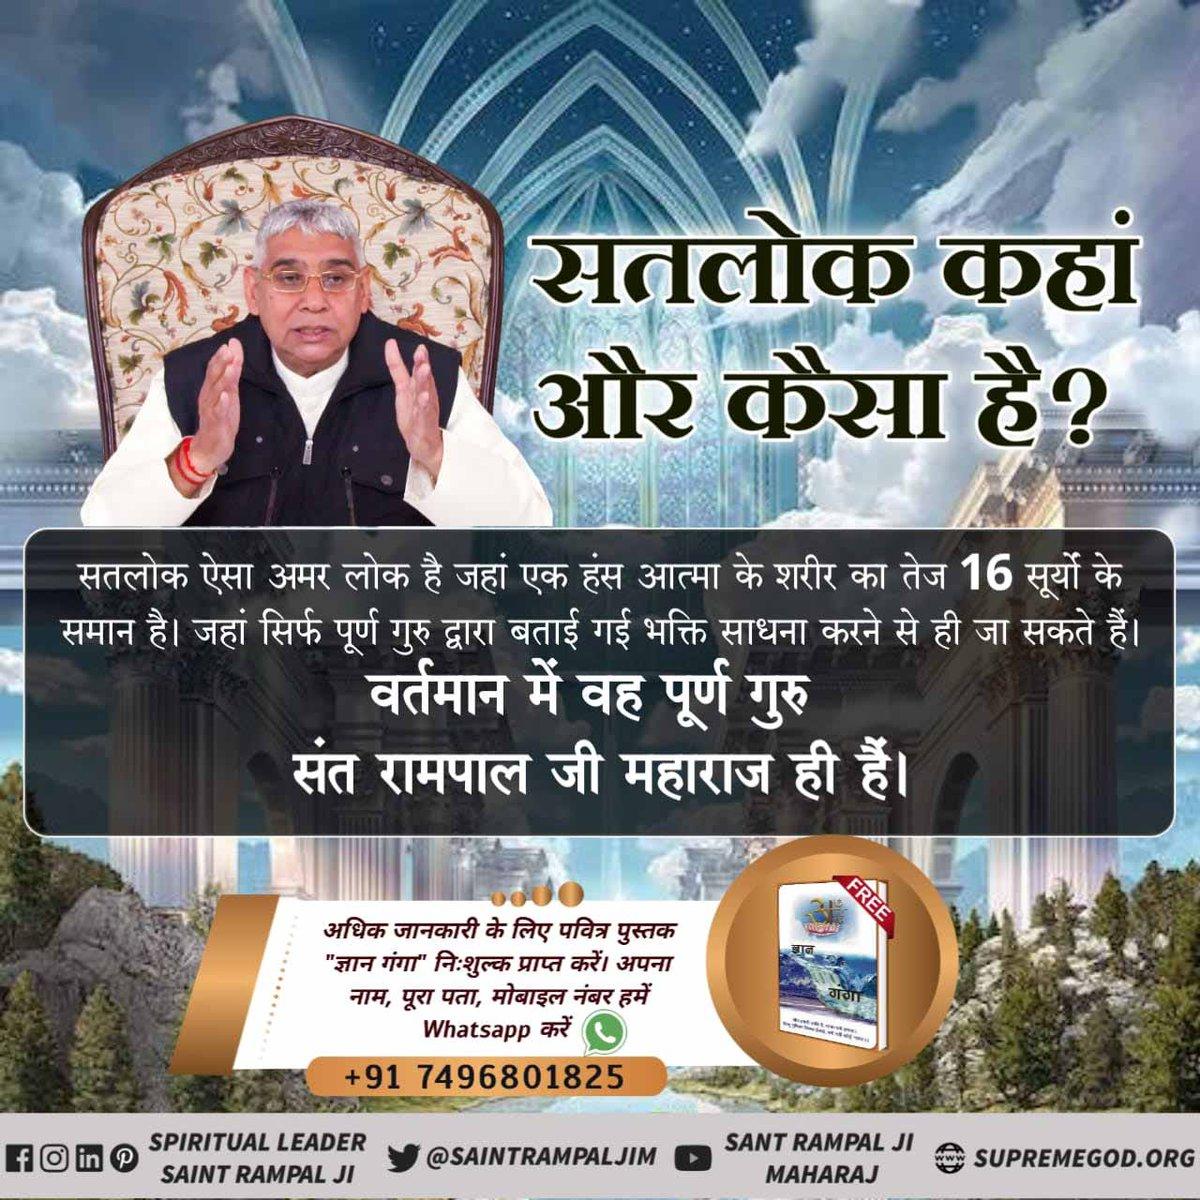 #अमरलोक_VS_मृत्युलोक सतलोक में कोई पाप नहीं होती,जीव हिंसा नहीं होती। मृत्युलोक तो पाप का घर है, हमारे एक पांव के नीचे करोड़ों जीव मारे जाते हैं। visit 👉 Sant Rampal Ji Maharaj Youtube channel 👈